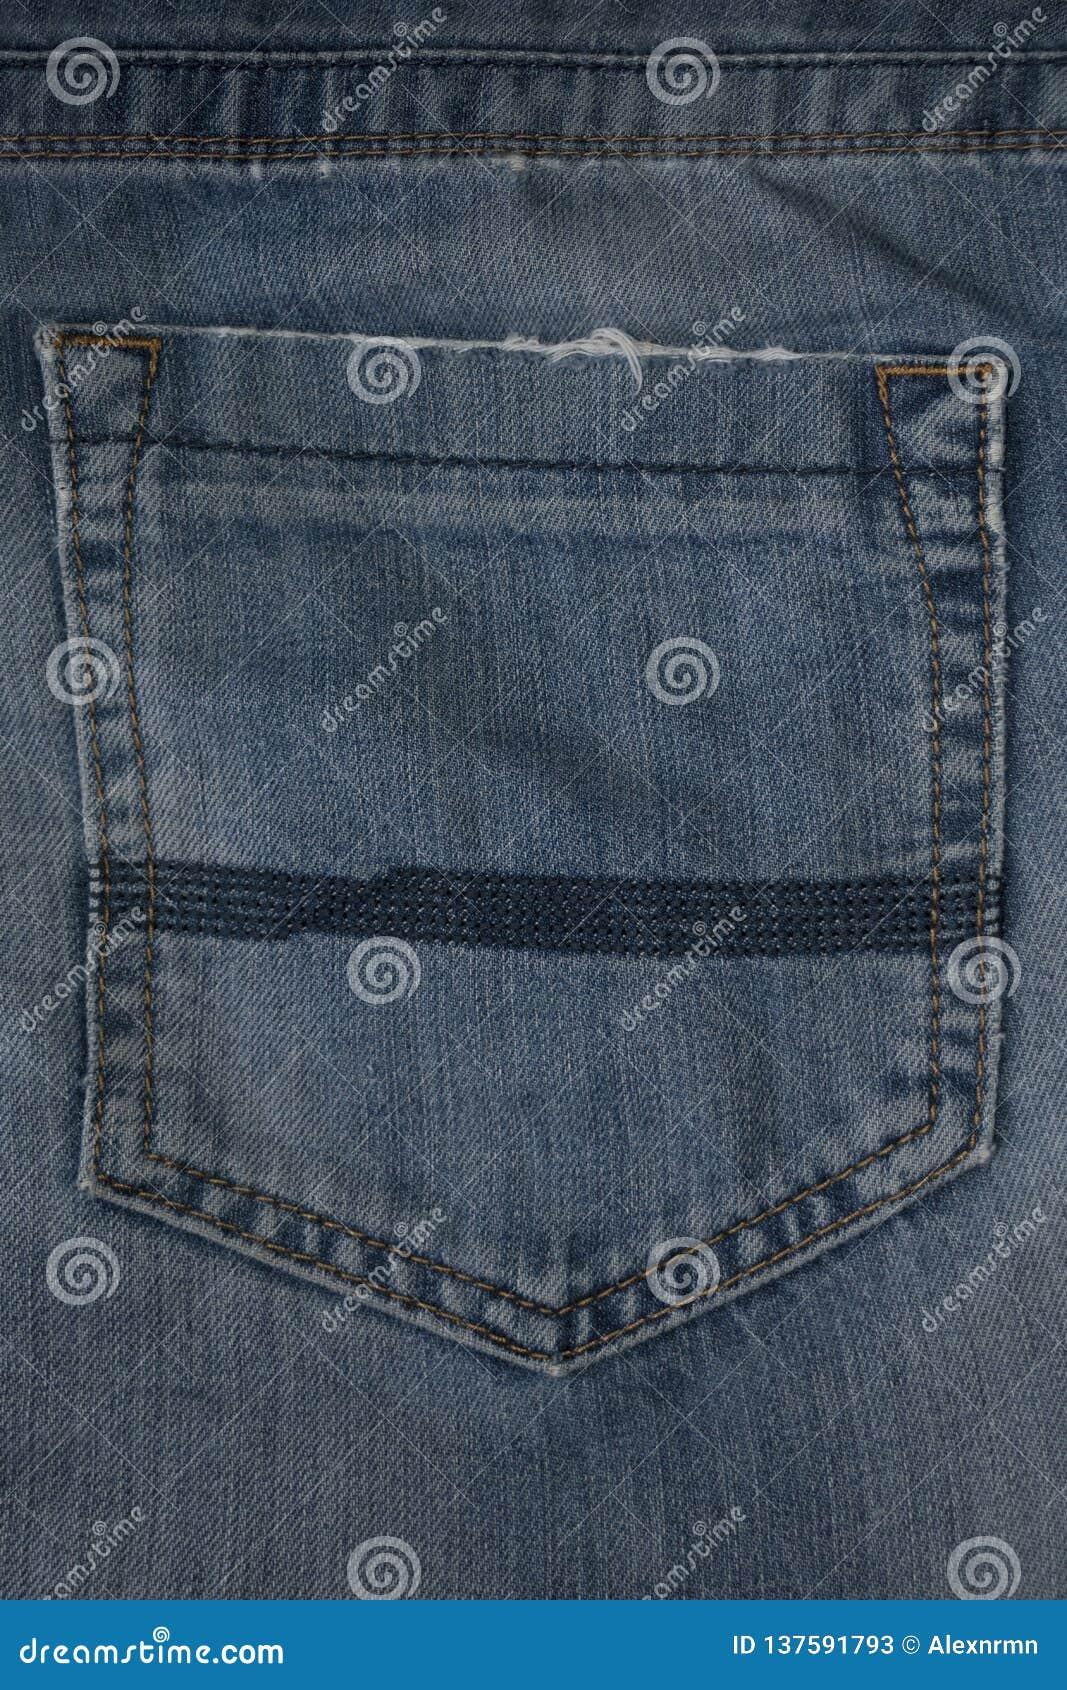 牛仔布纹理背景、破旧的牛仔裤和牛仔布口袋